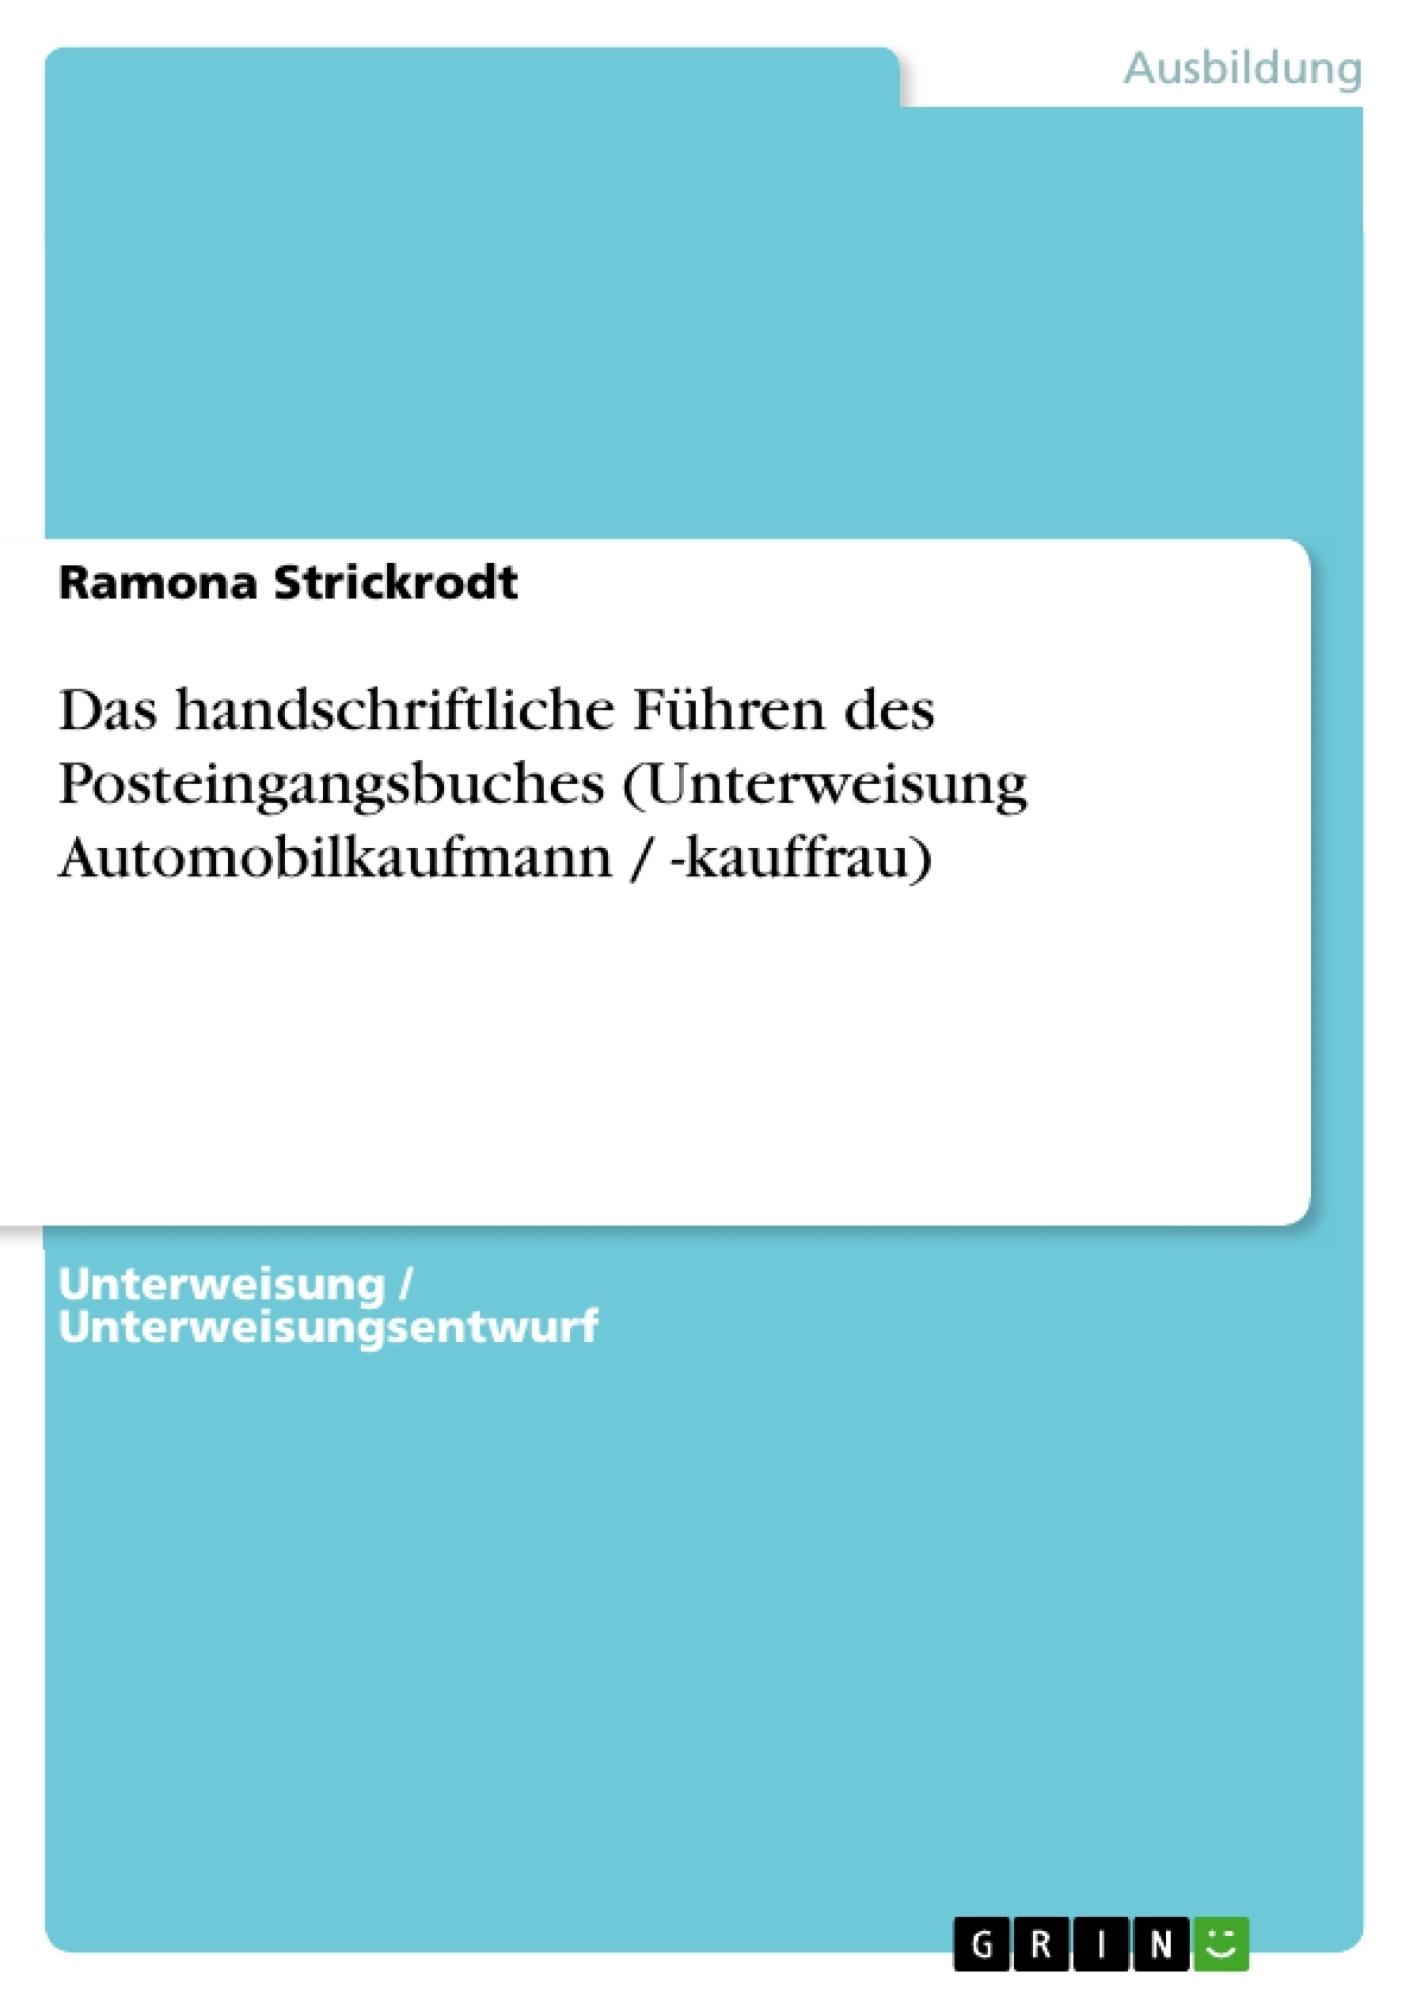 Titel: Das handschriftliche Führen des Posteingangsbuches (Unterweisung Automobilkaufmann / -kauffrau)